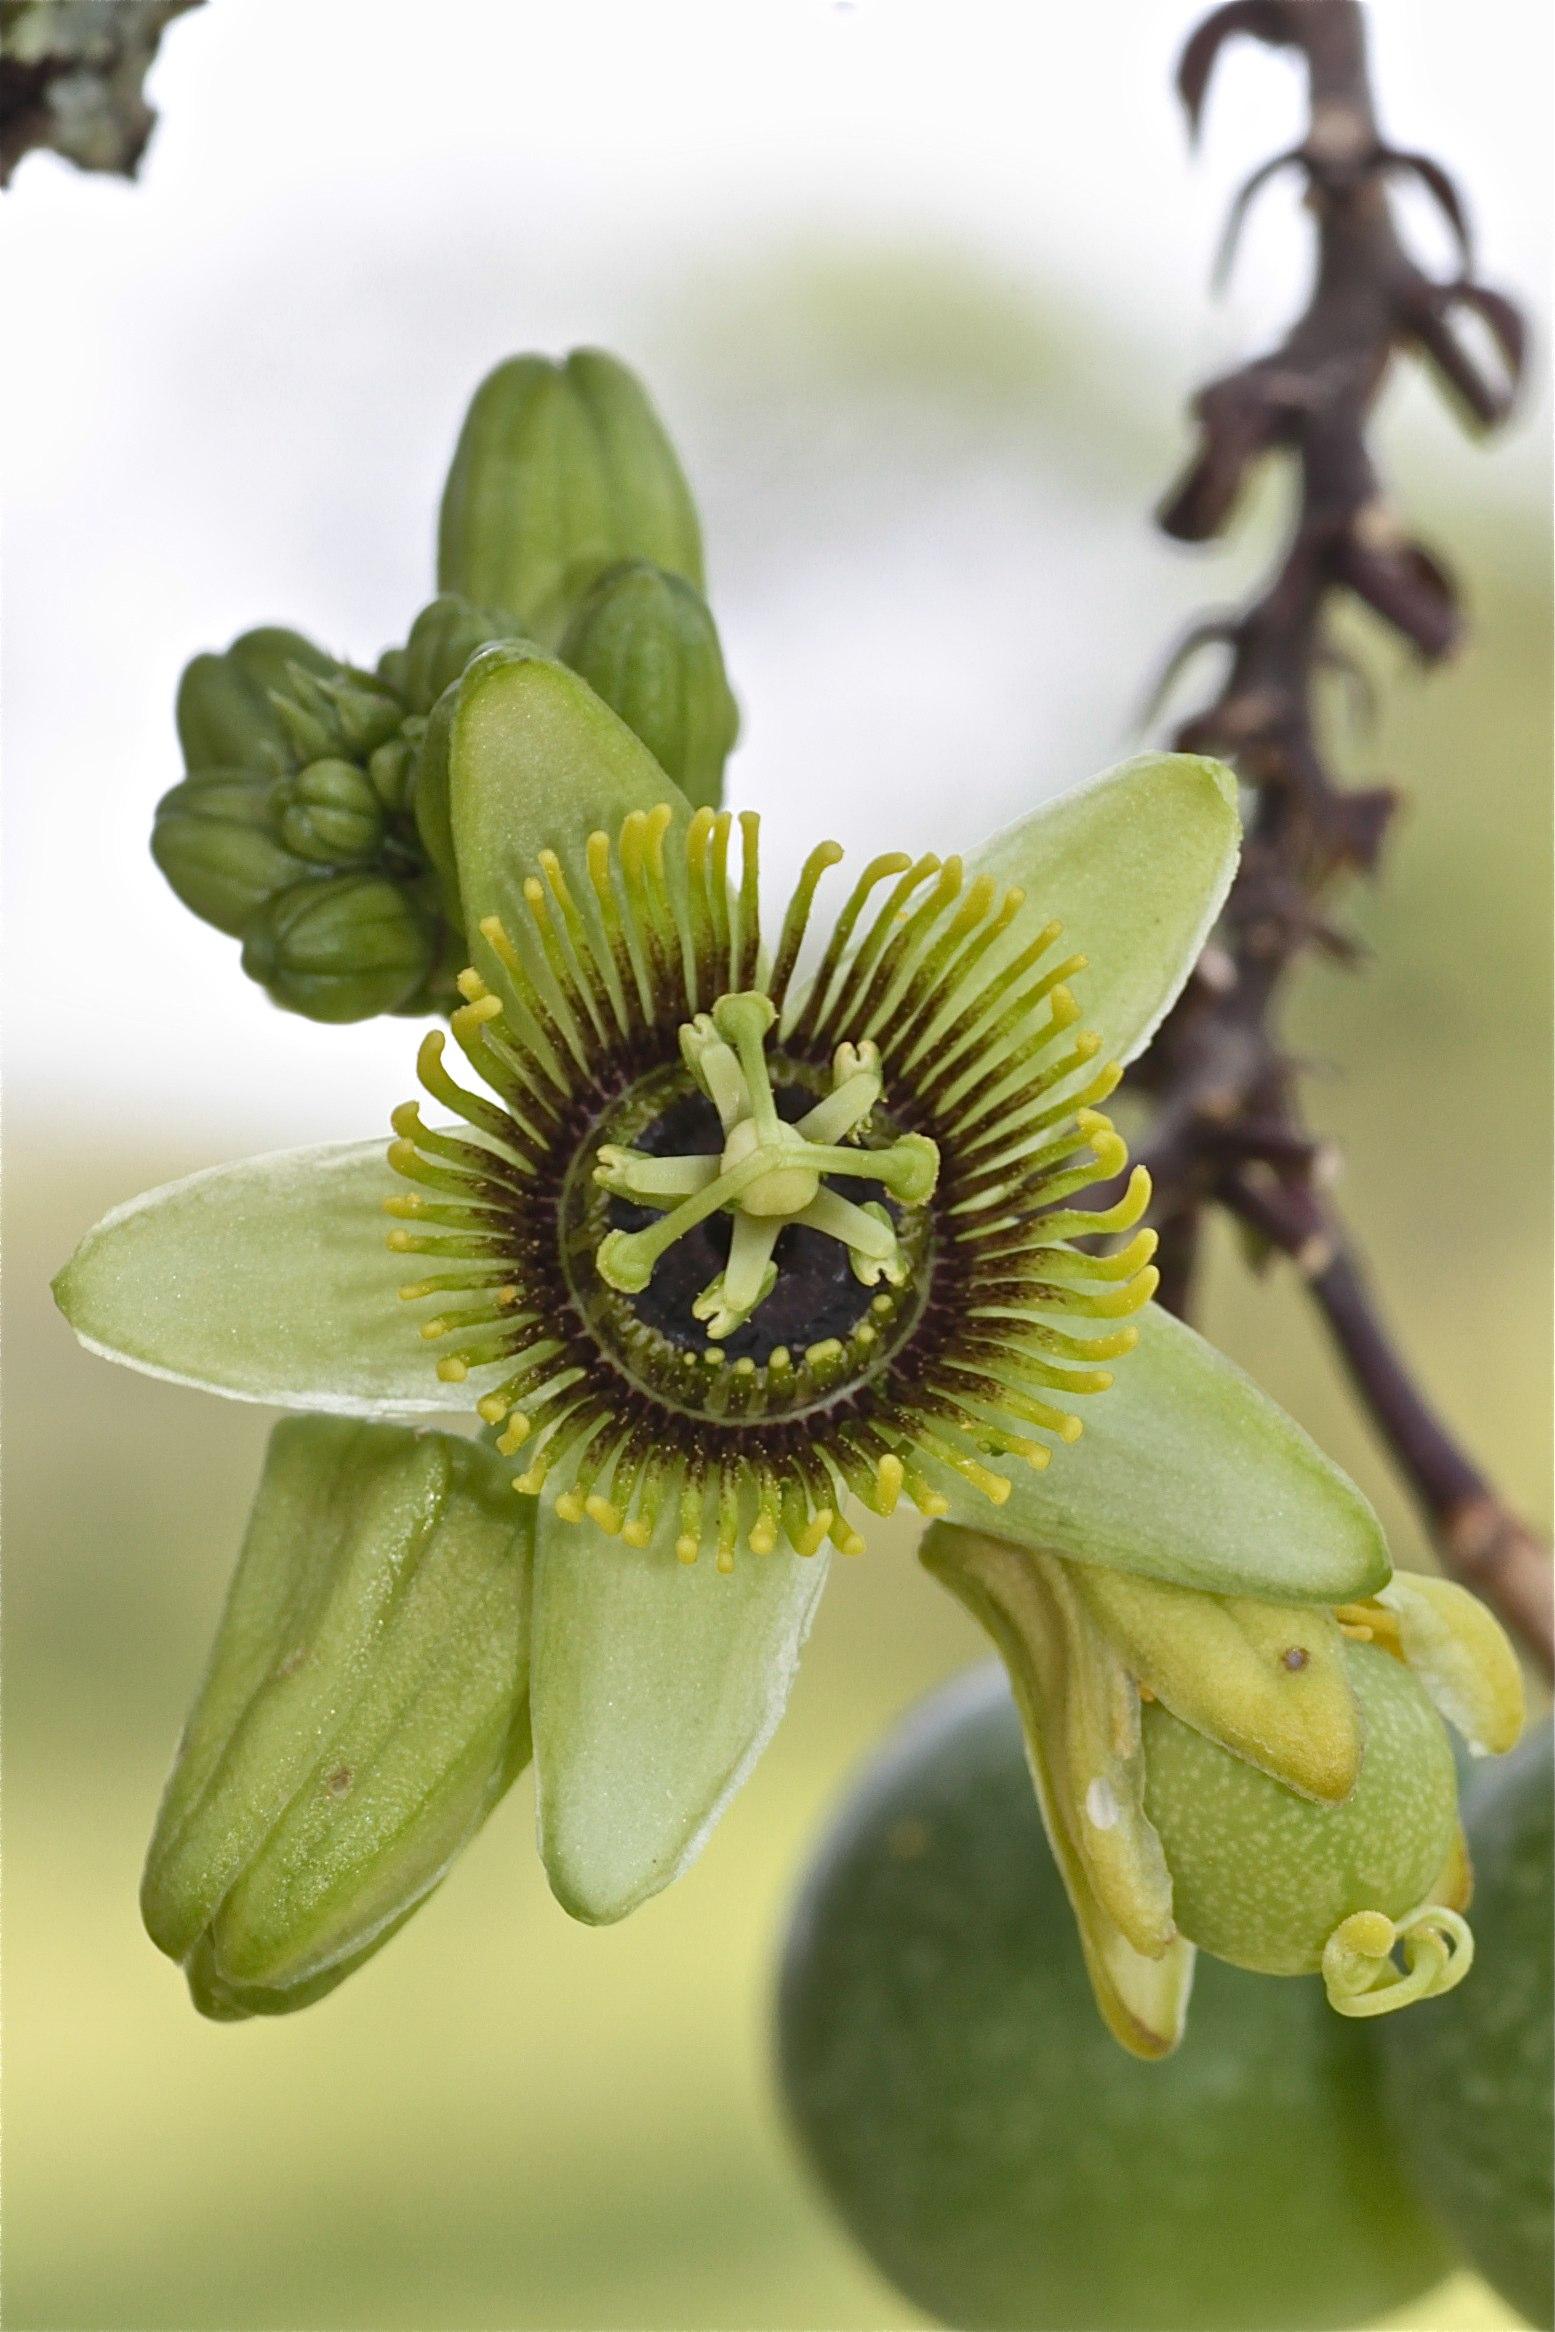 Passiflora coriacea (Passifloraceae)